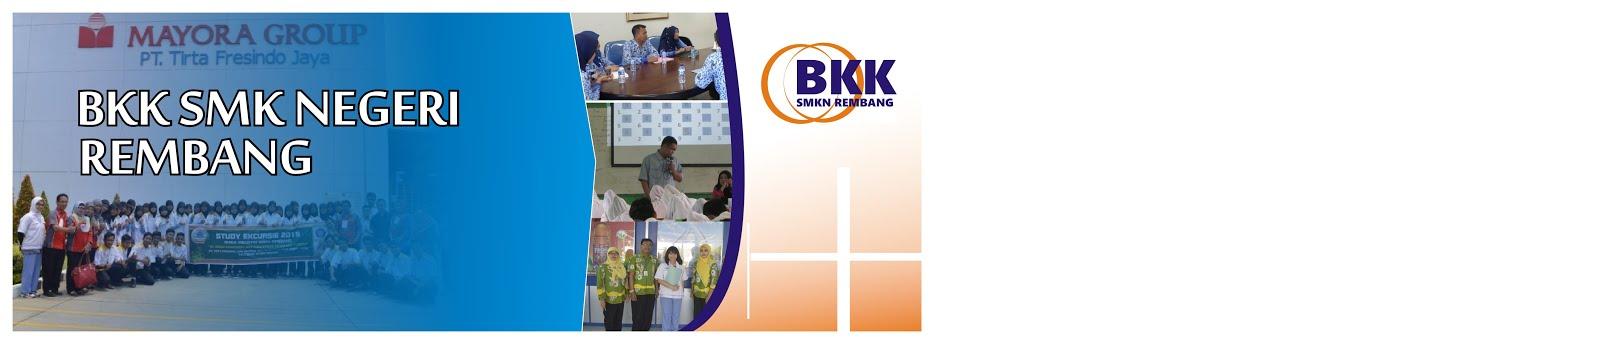 BKK SMK NEGERI REMBANG